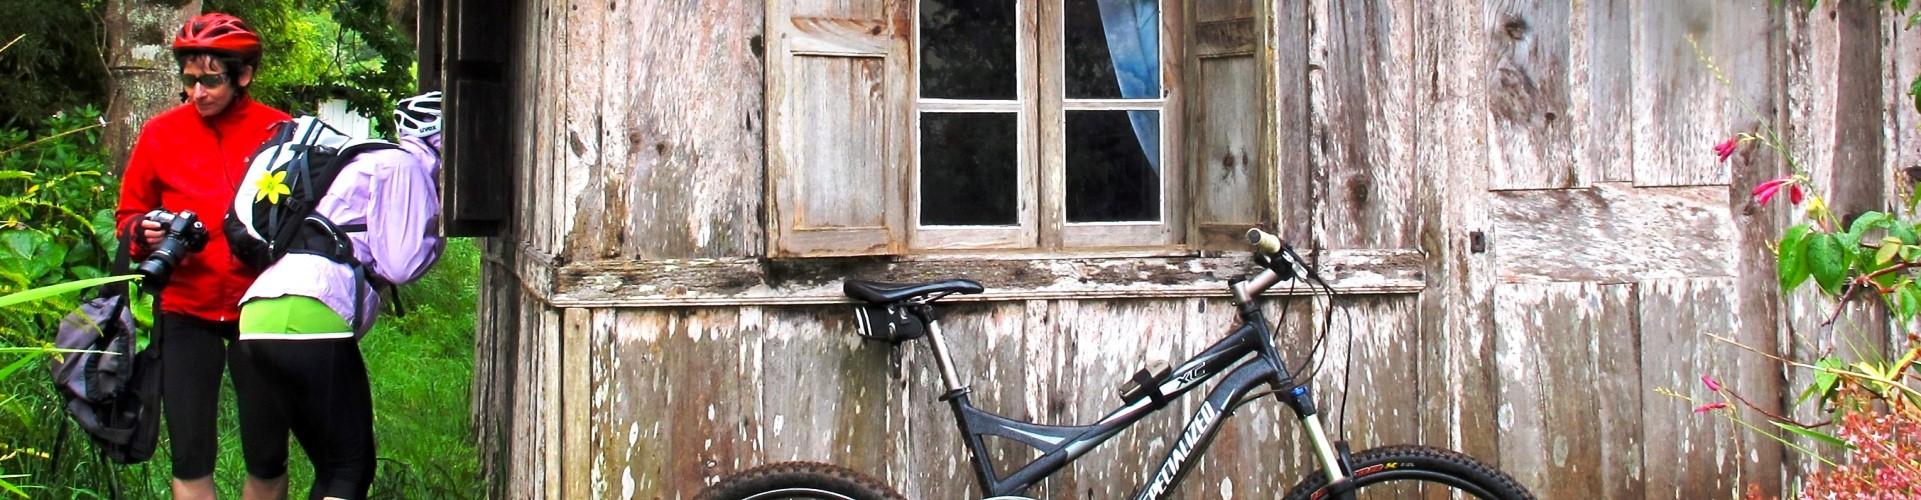 Passeio de Bicicleta em São Jorge, Ilha da Madeira